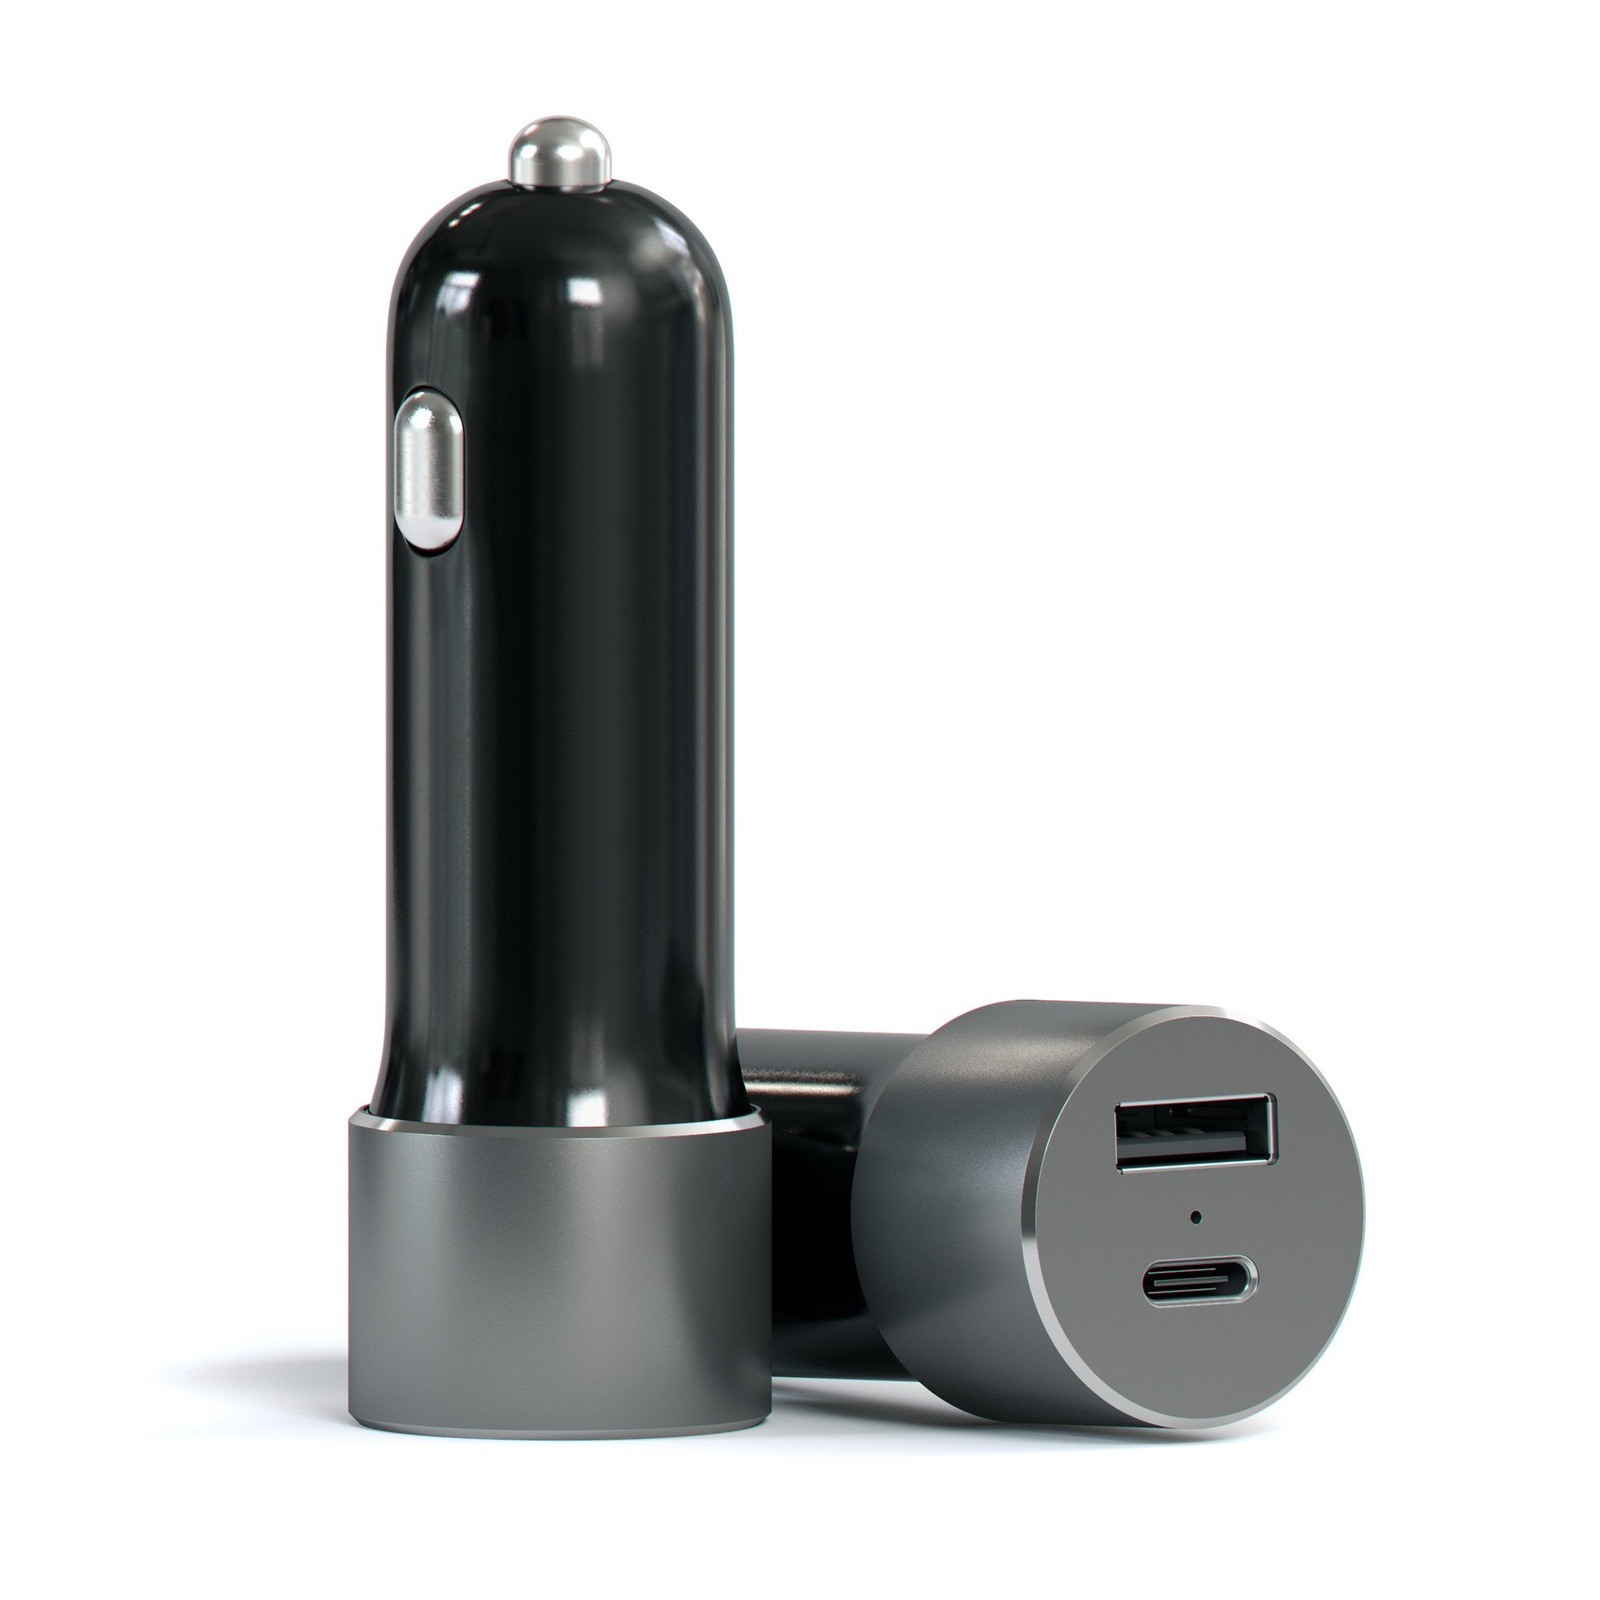 Автомобильное зарядное устройство Satechi 48W С Type C и USB (Серый) портативное зарядное устройство samsung eb p3020 5000 мач переходник usb type c серебристо серый